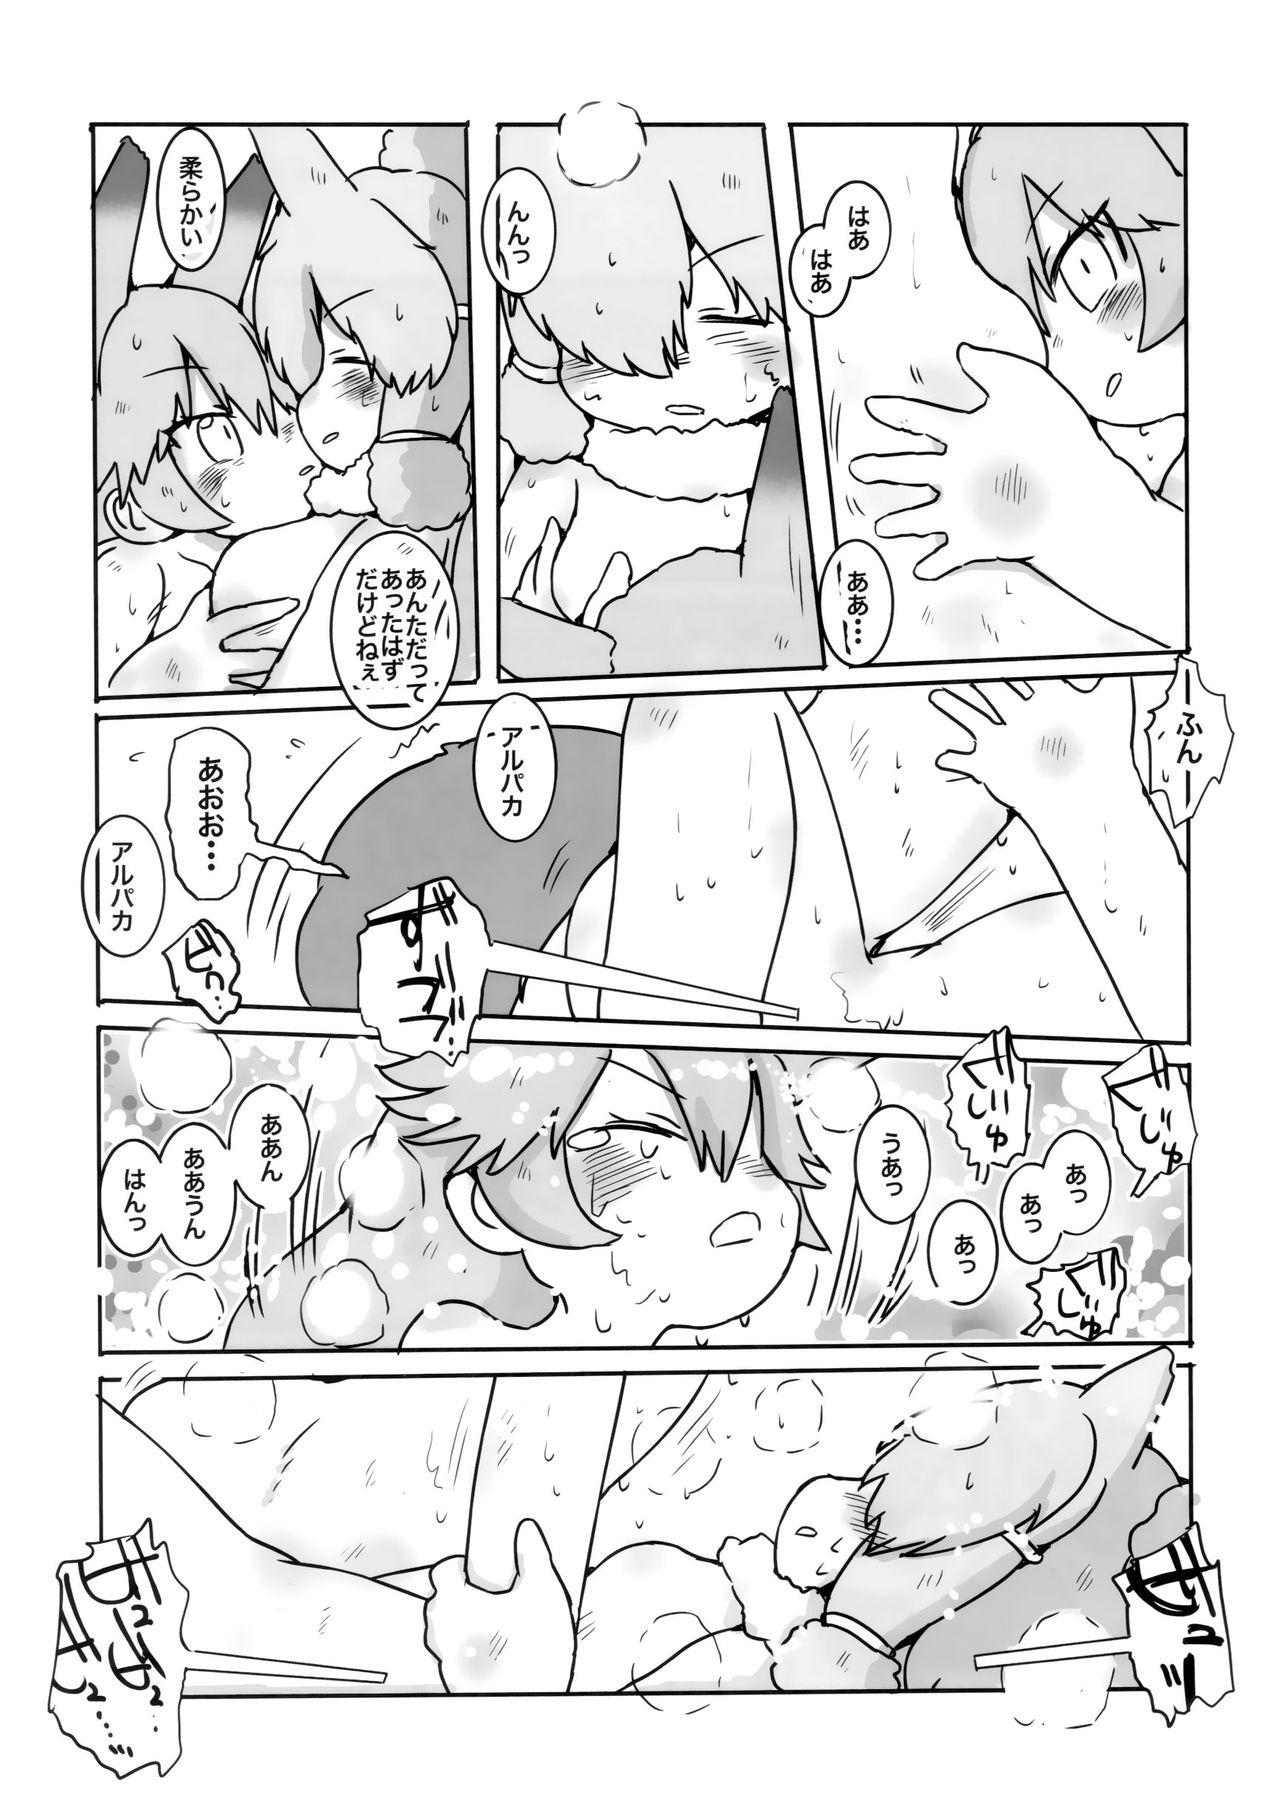 Boku, Koko de Zutto Kimi to Itai. 9